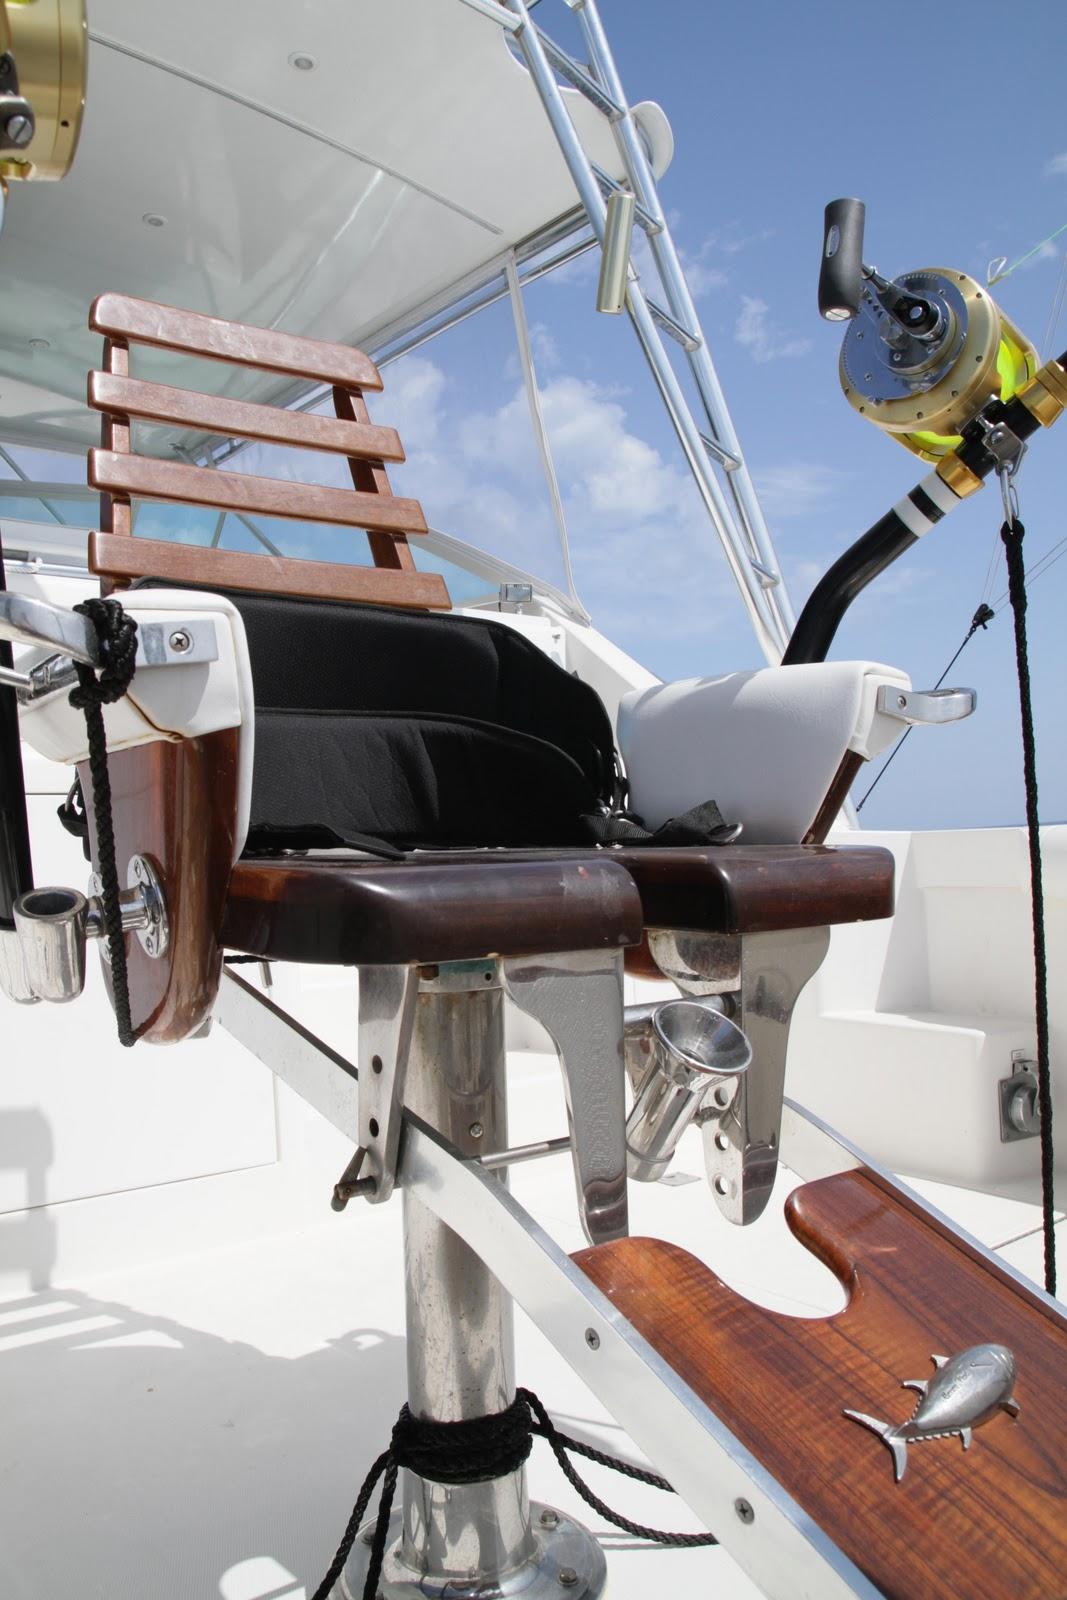 Blog de pesca equipo para pescar el marlin - Silla de pescar ...